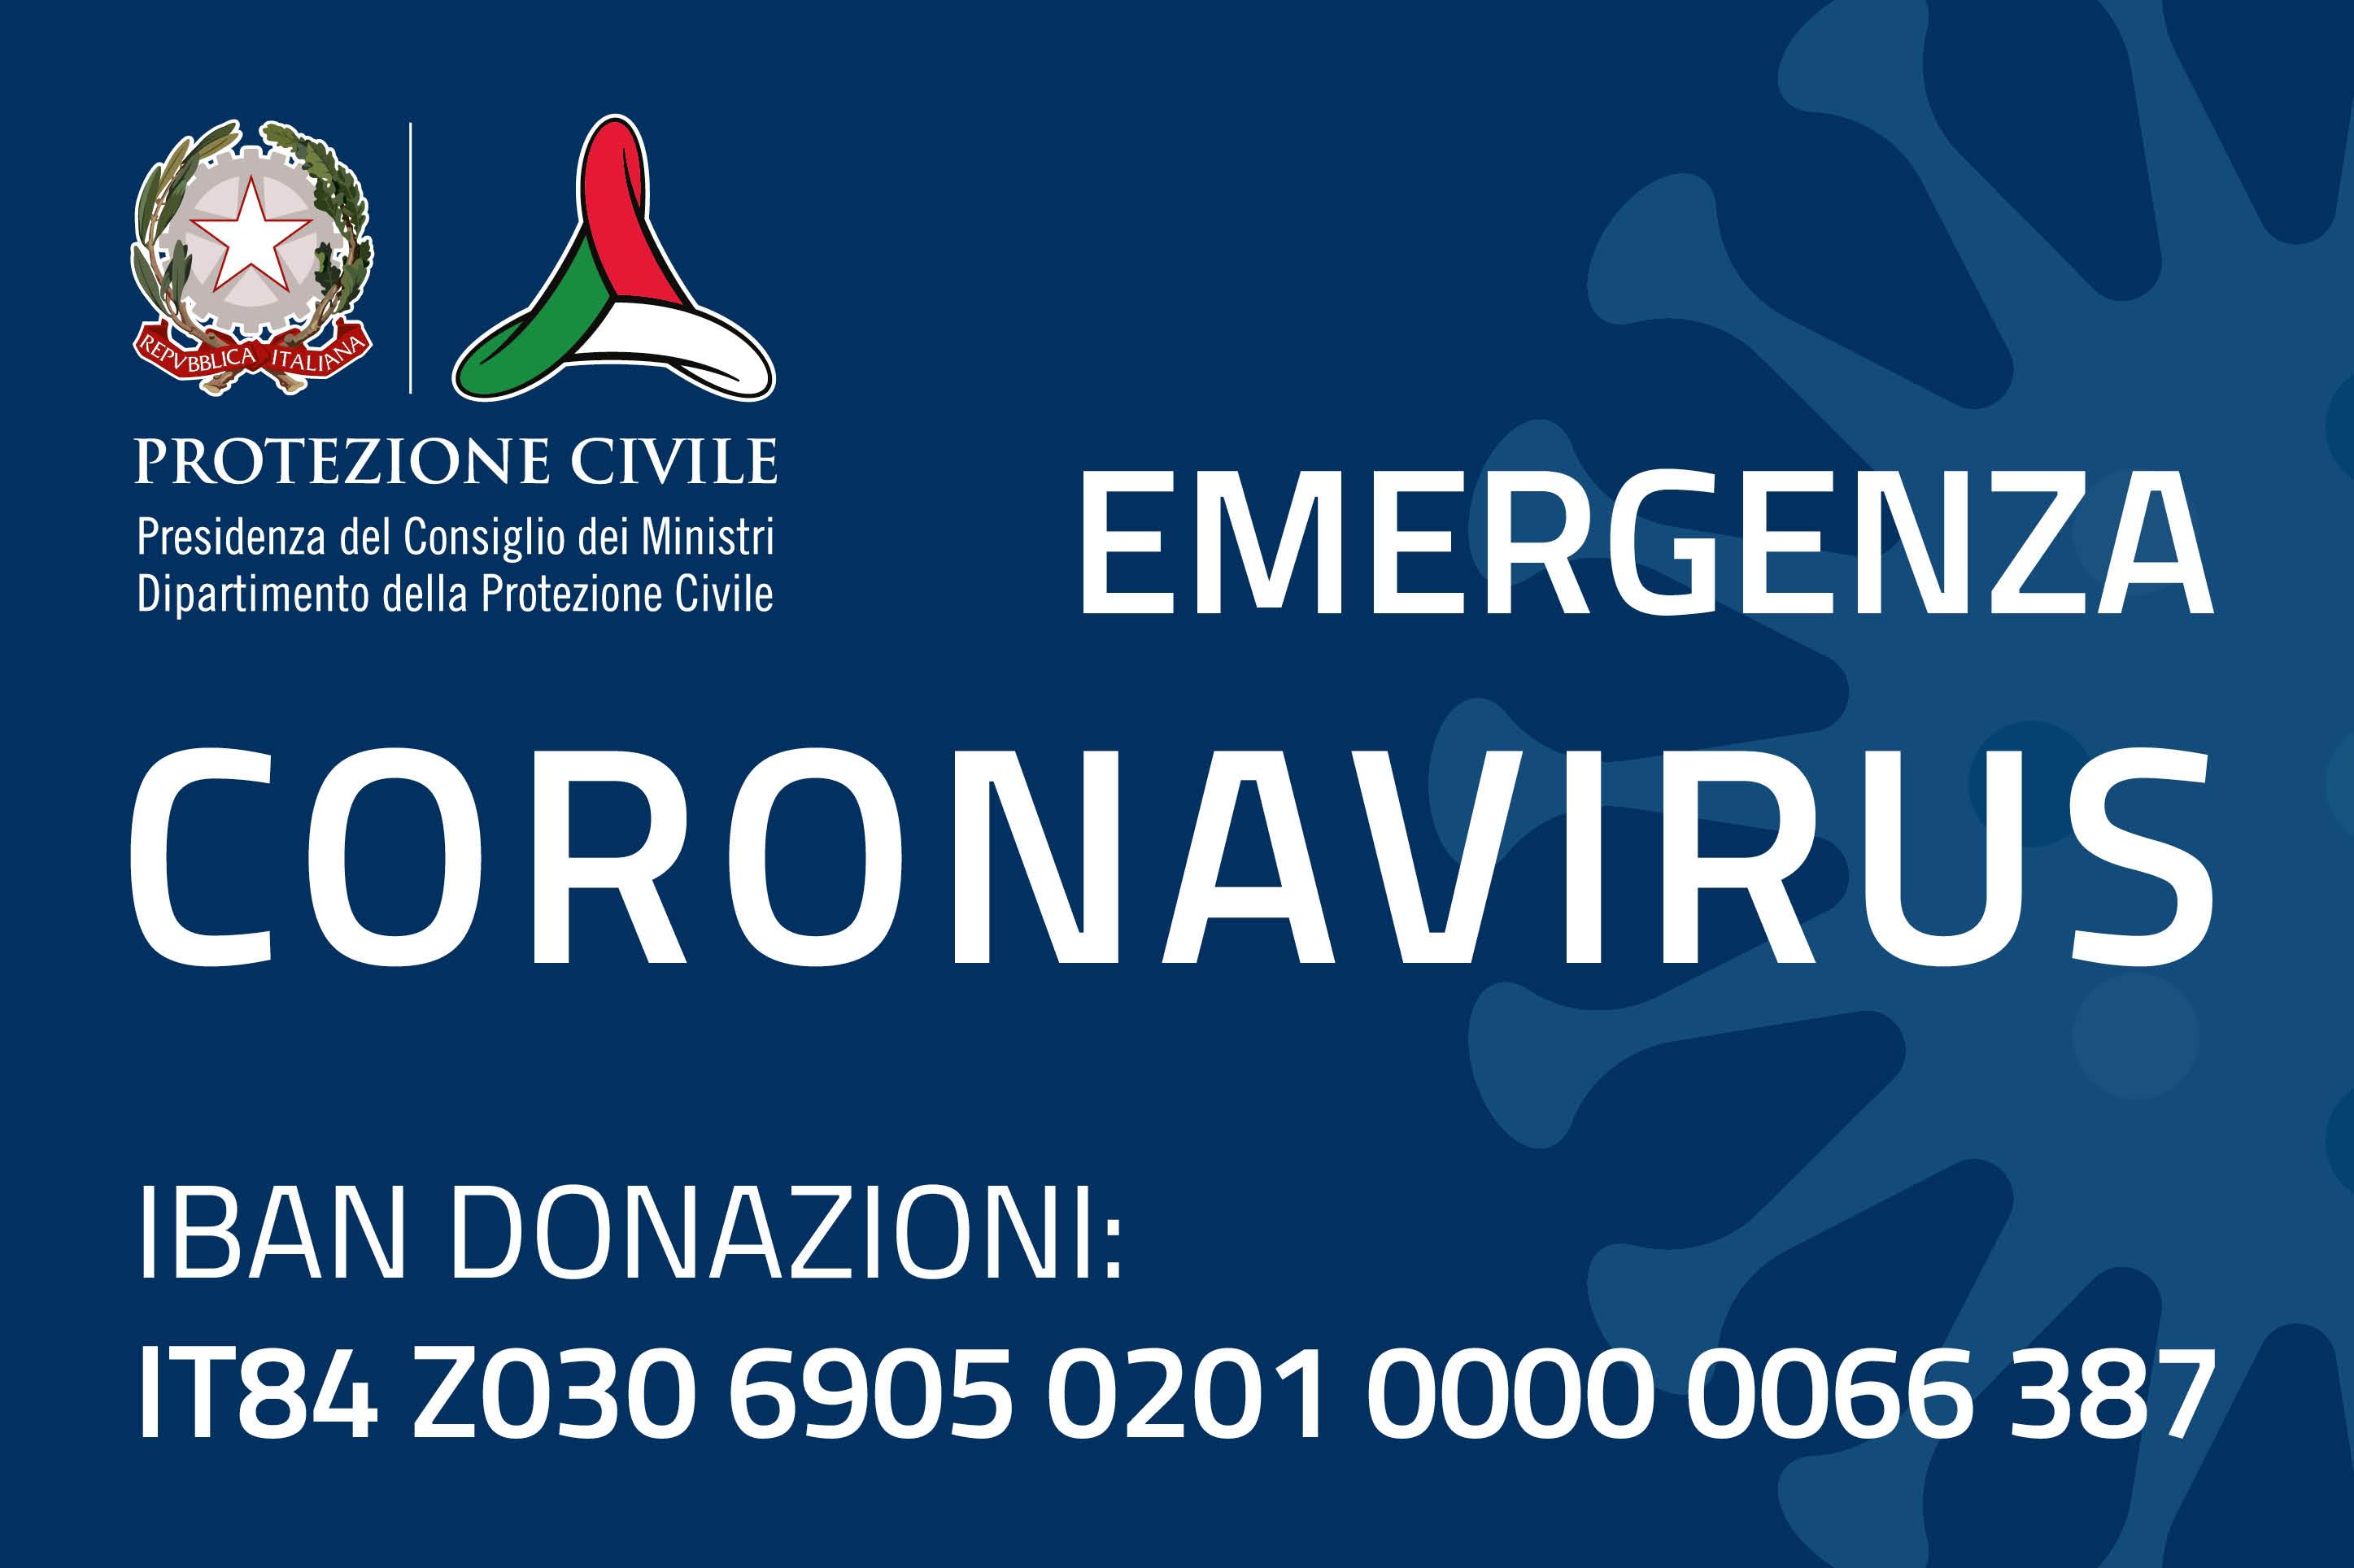 Emergenza coronavirus: attivato il conto corrente per le donazioni al Dipartimento della protezione civile